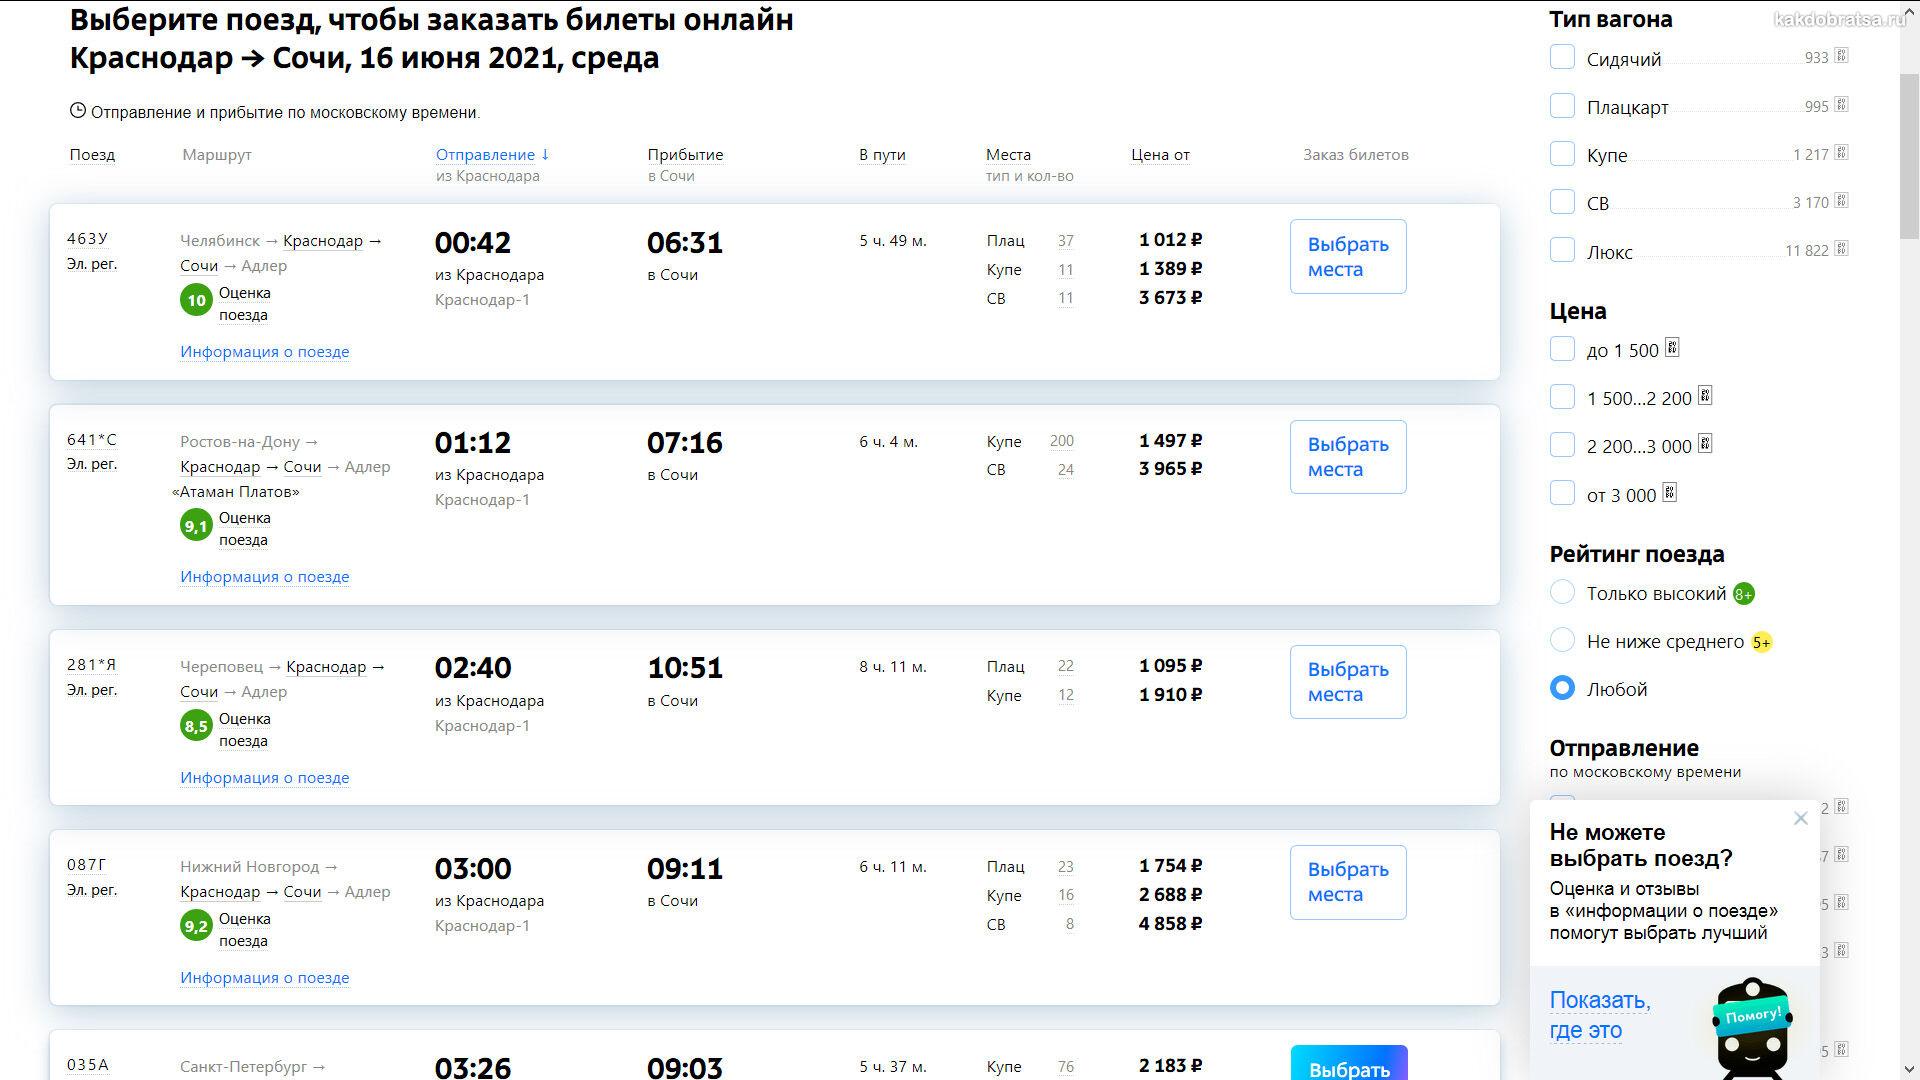 Расписание поездов из Краснодара в Сочи